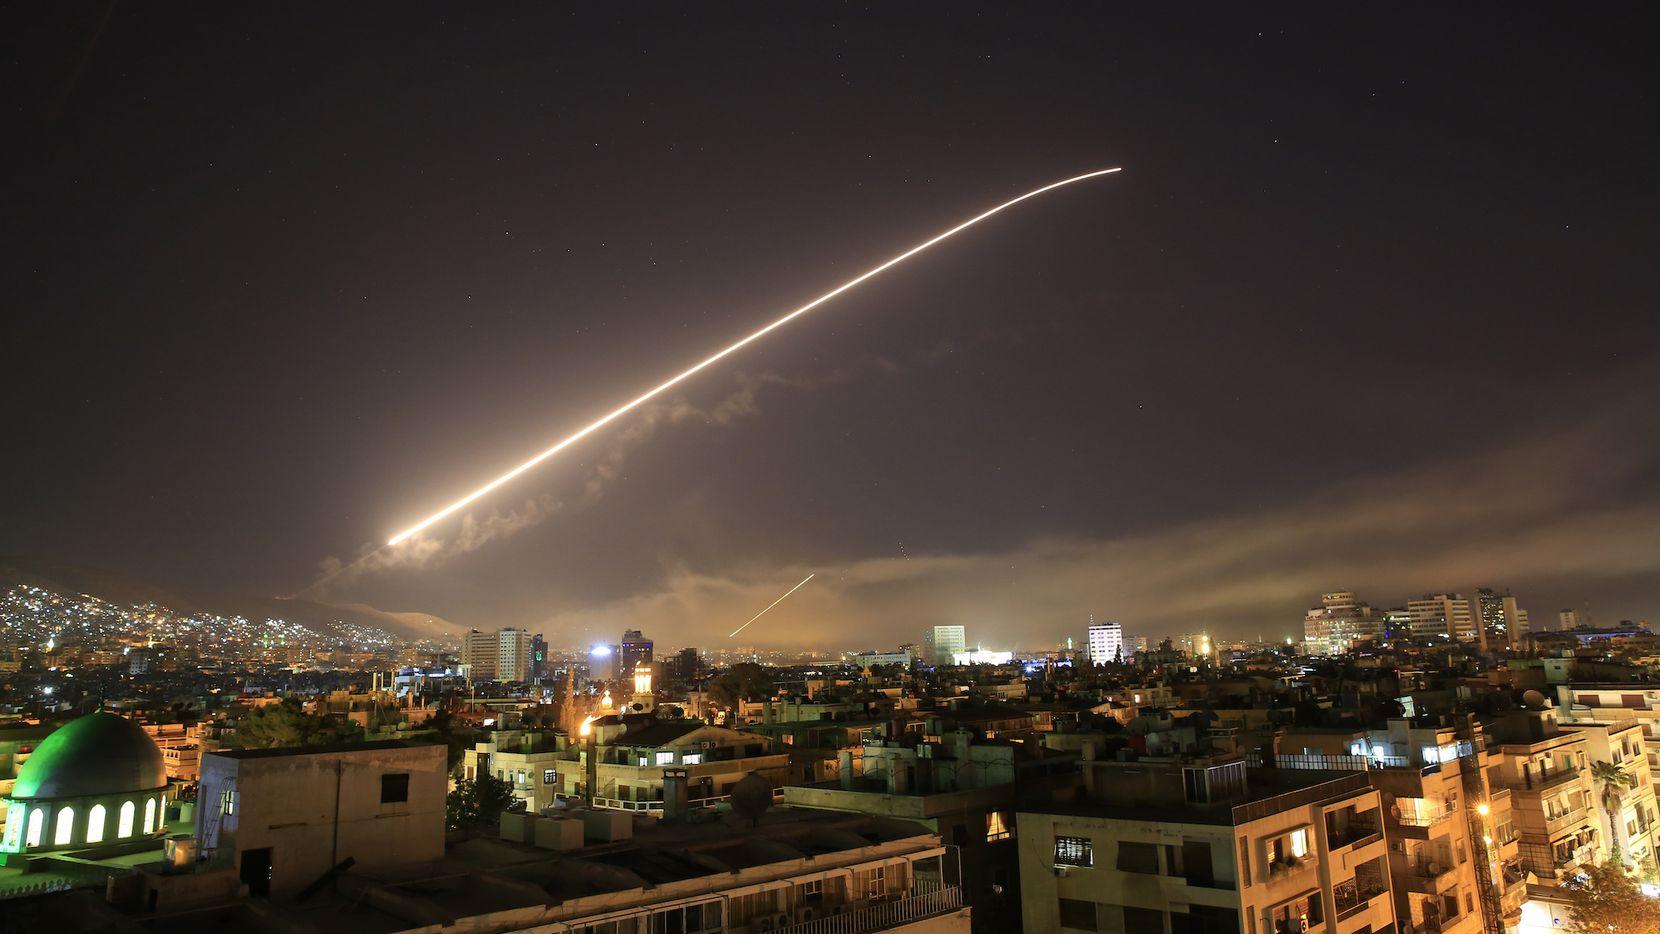 Damasco, la capital de Siria es iluminada por el ataque de misiles lanzados por la coalición de Estados Unidos, Gran Bretaña y Francia. AP